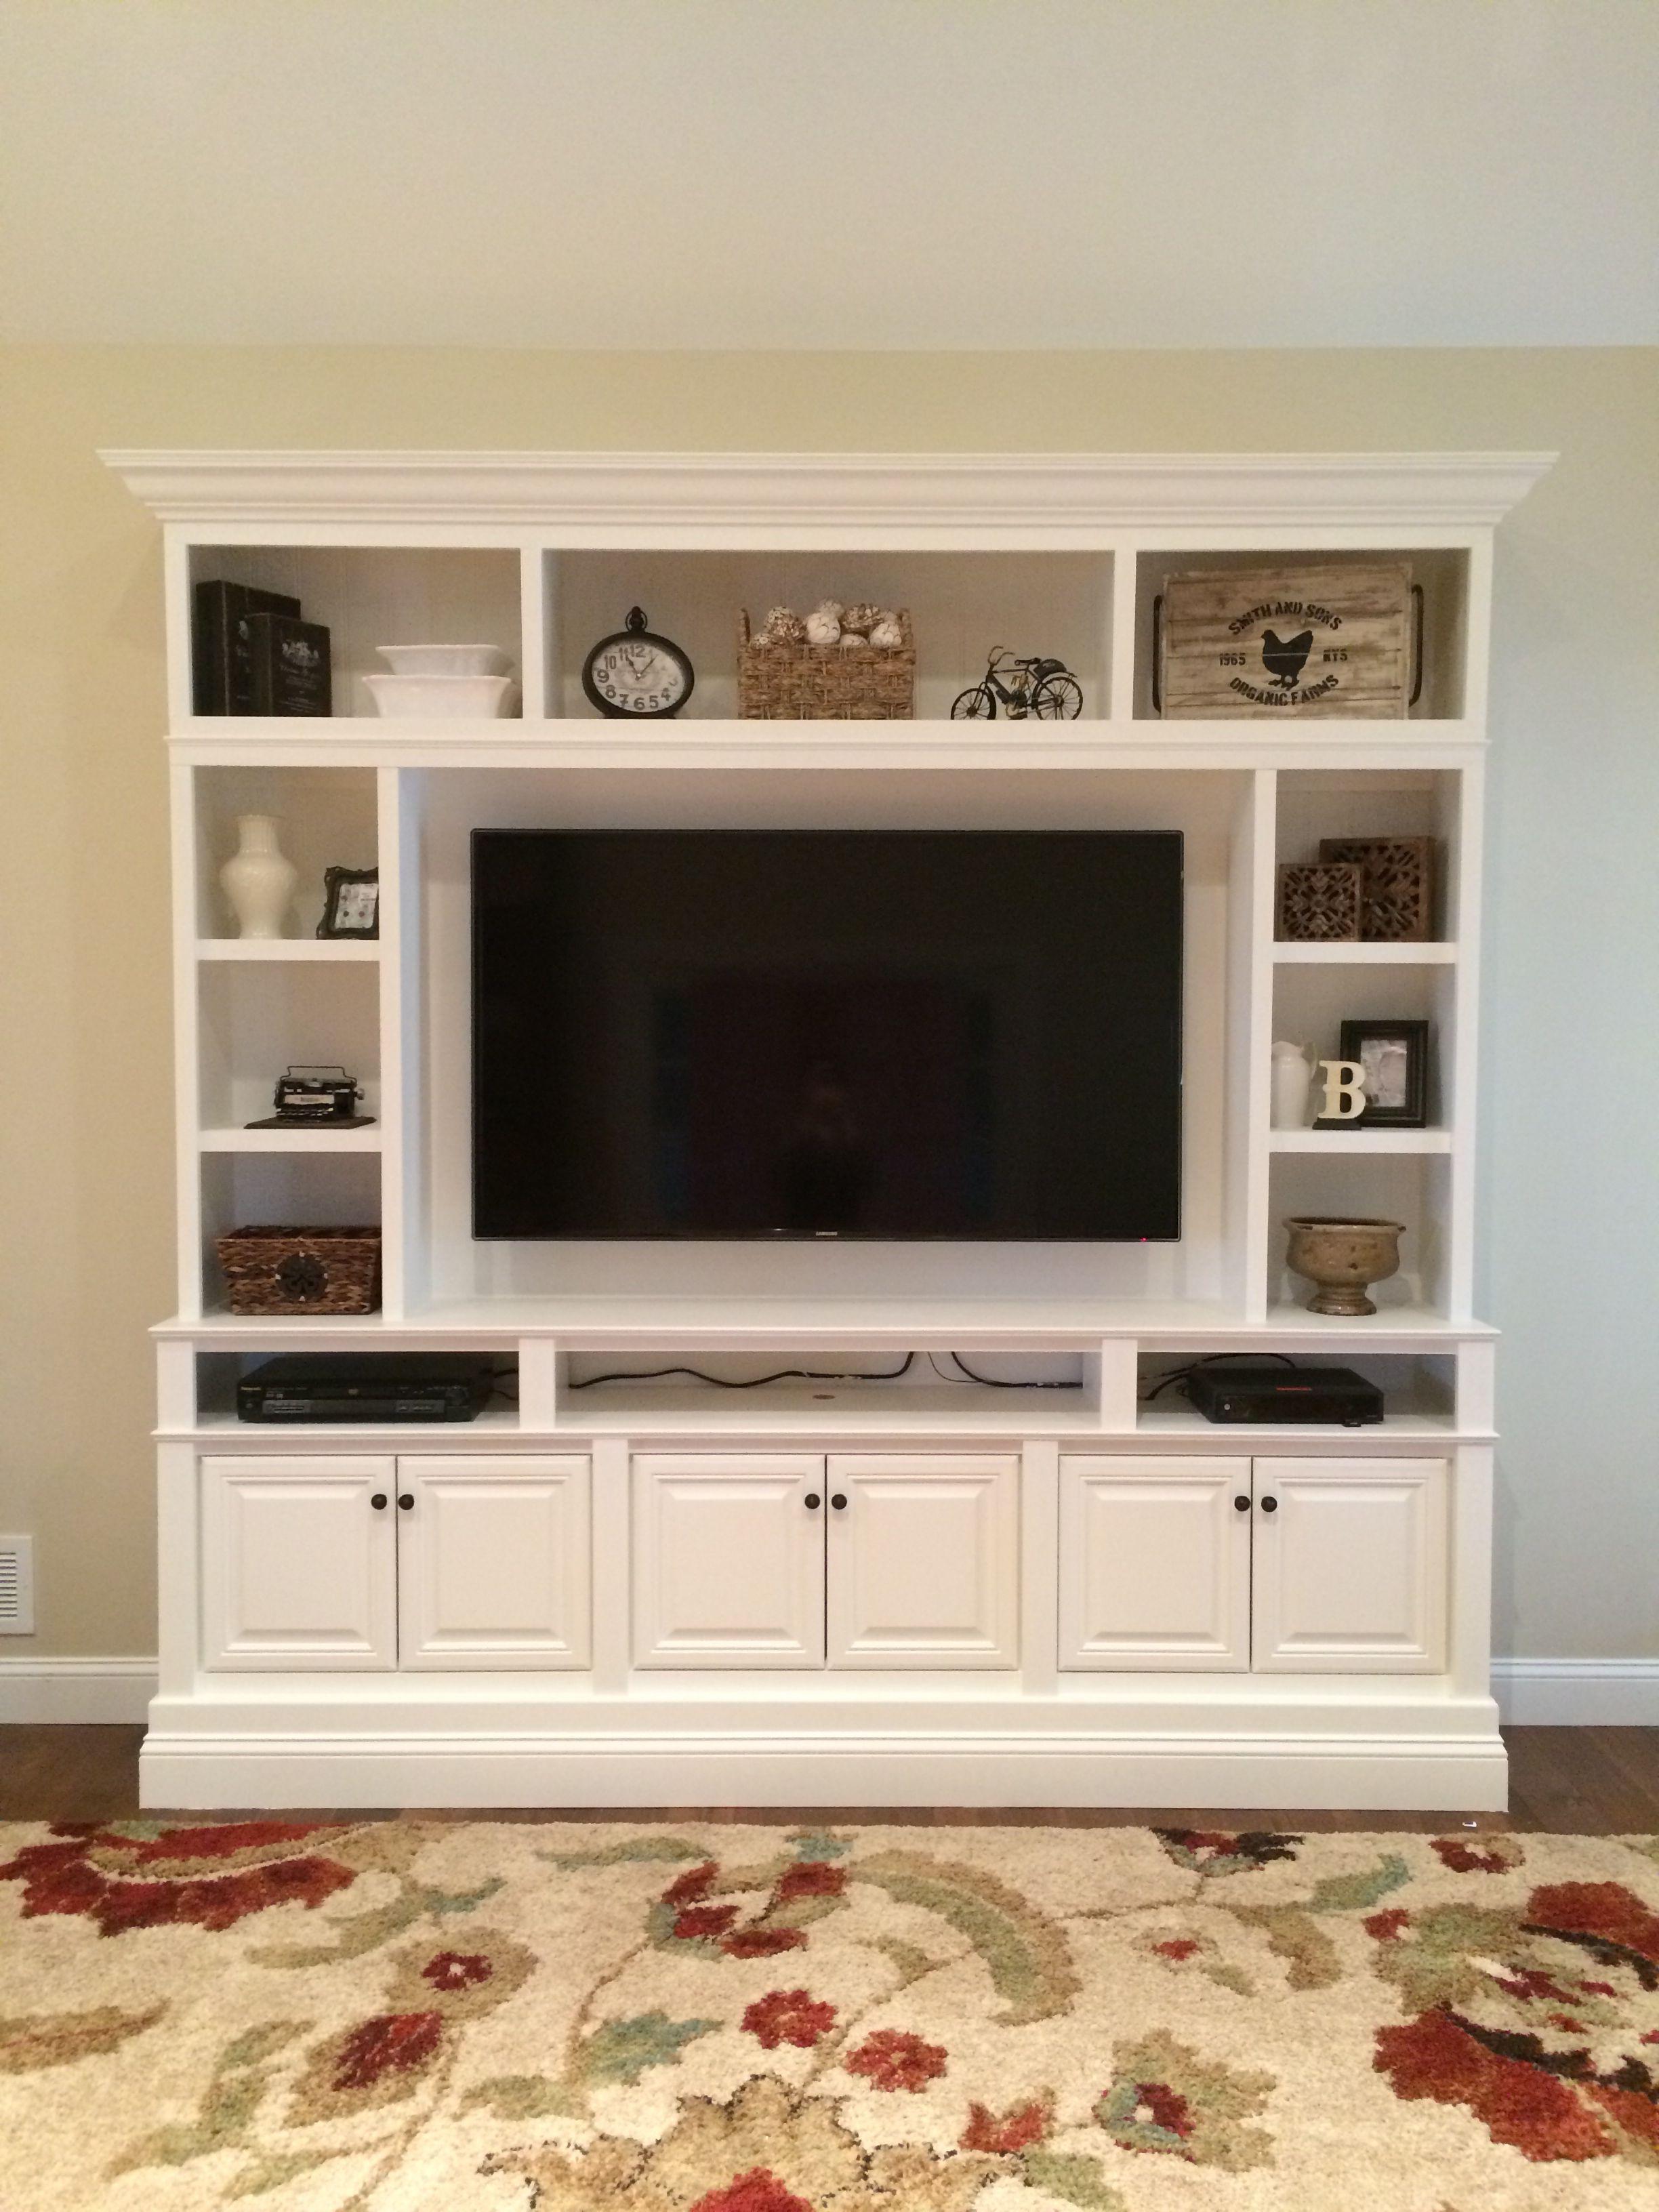 12 x 18 living room ideas 12X18 Living Room Ideas & Photos | Houzz 512 X 640